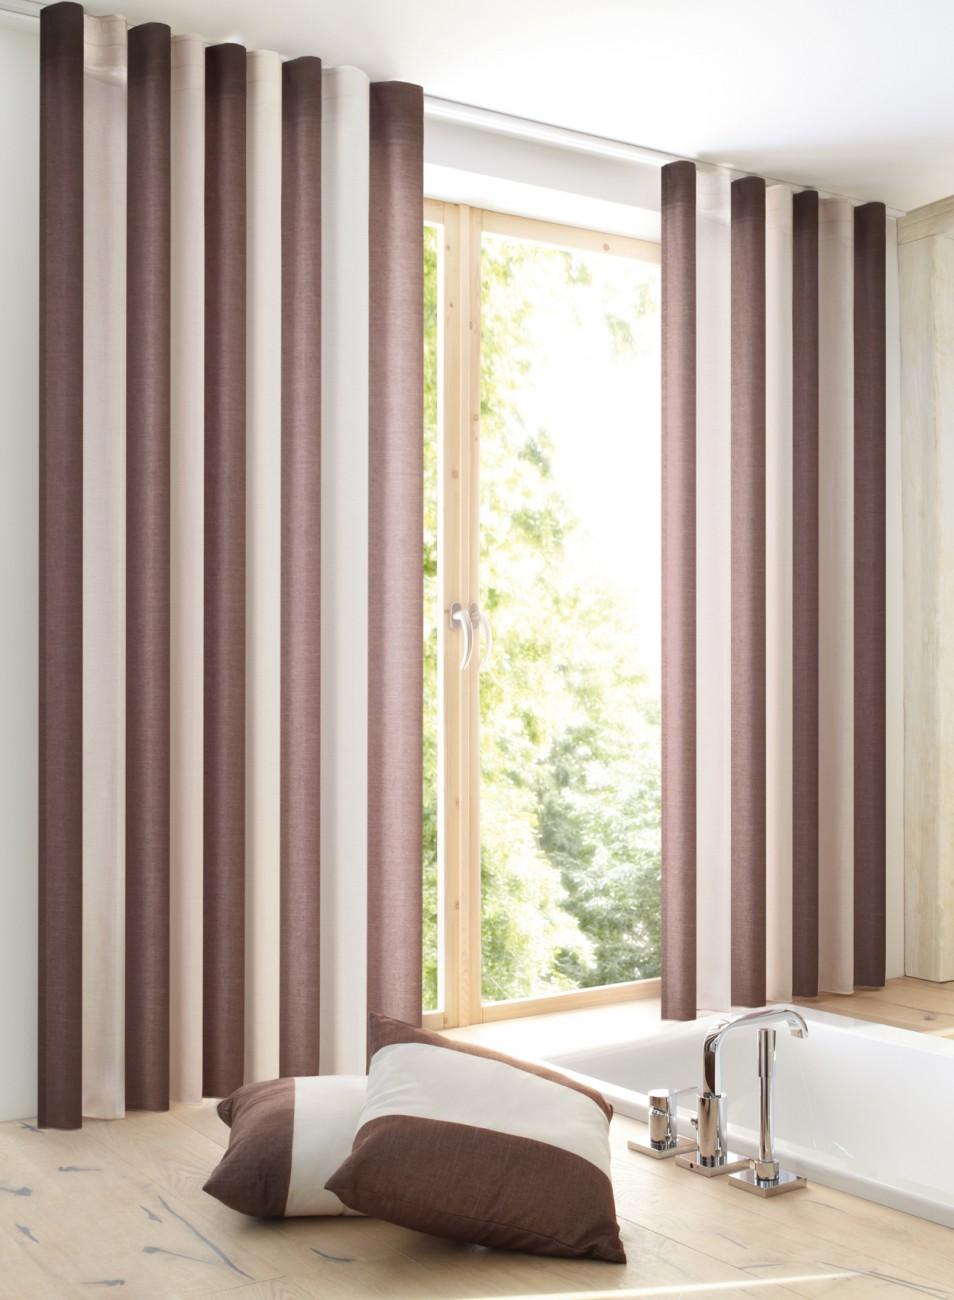 Full Size of Vorhänge Schiene Wellenband So Verwenden Sie Es Richtig Gerster Blog Inkl Video Küche Schlafzimmer Wohnzimmer Wohnzimmer Vorhänge Schiene